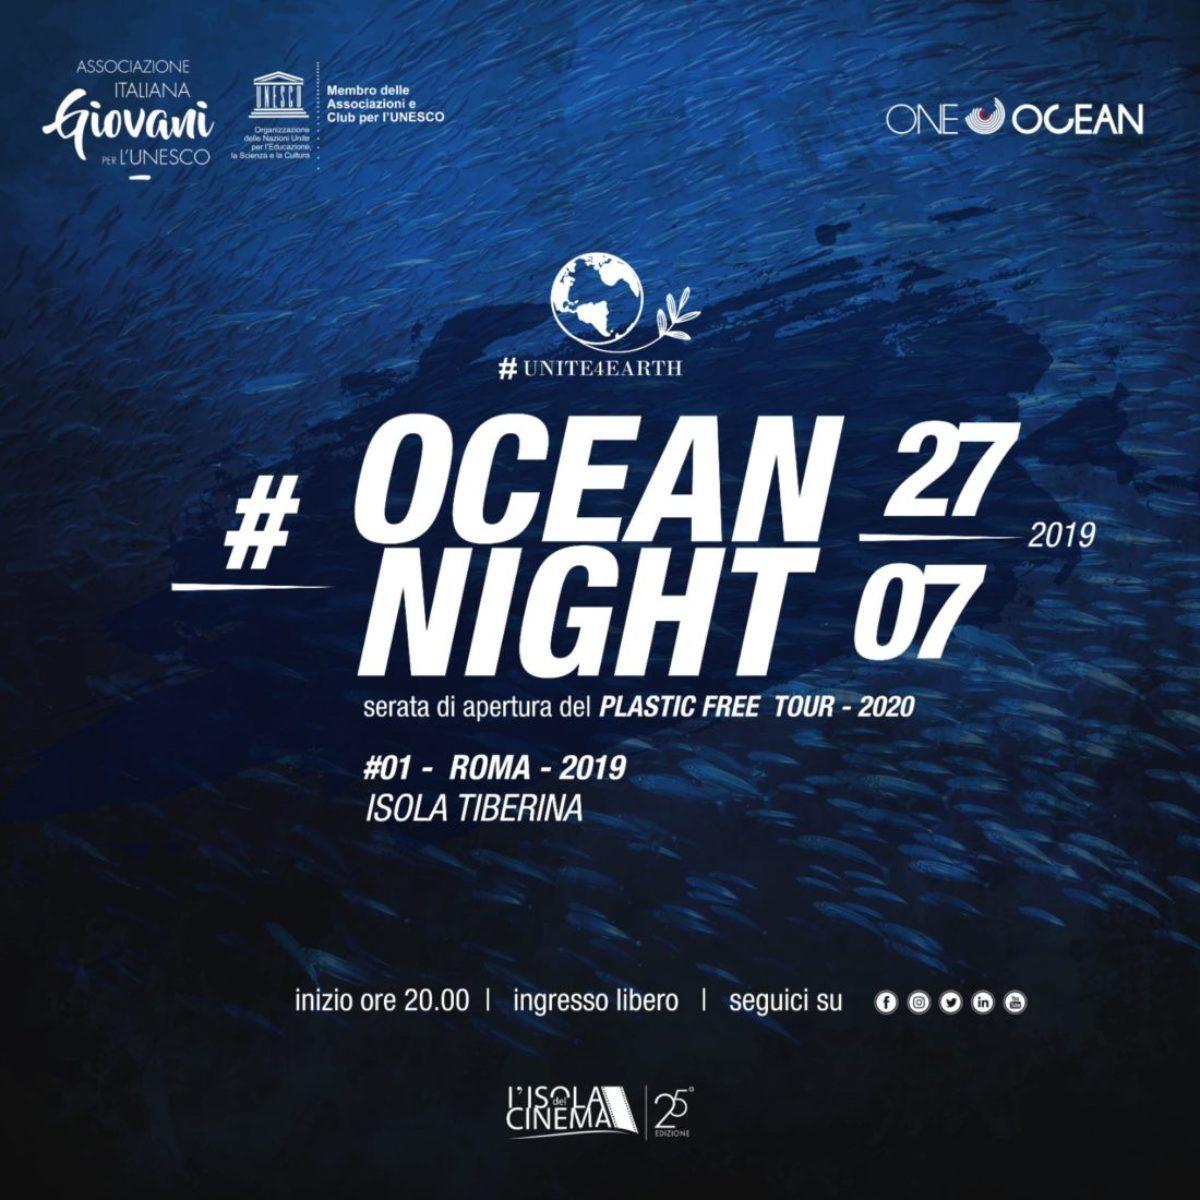 Ocean night una serata per il plastic free Tra gli